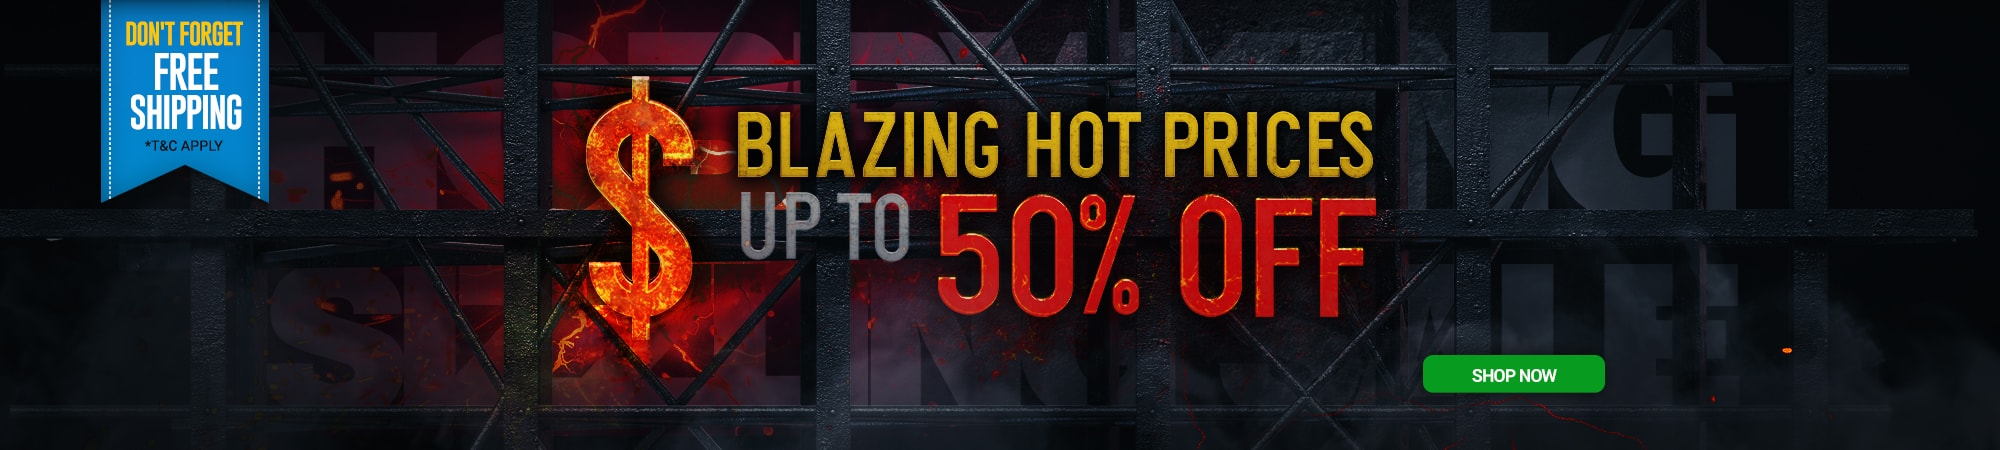 Blazing Hot Prices